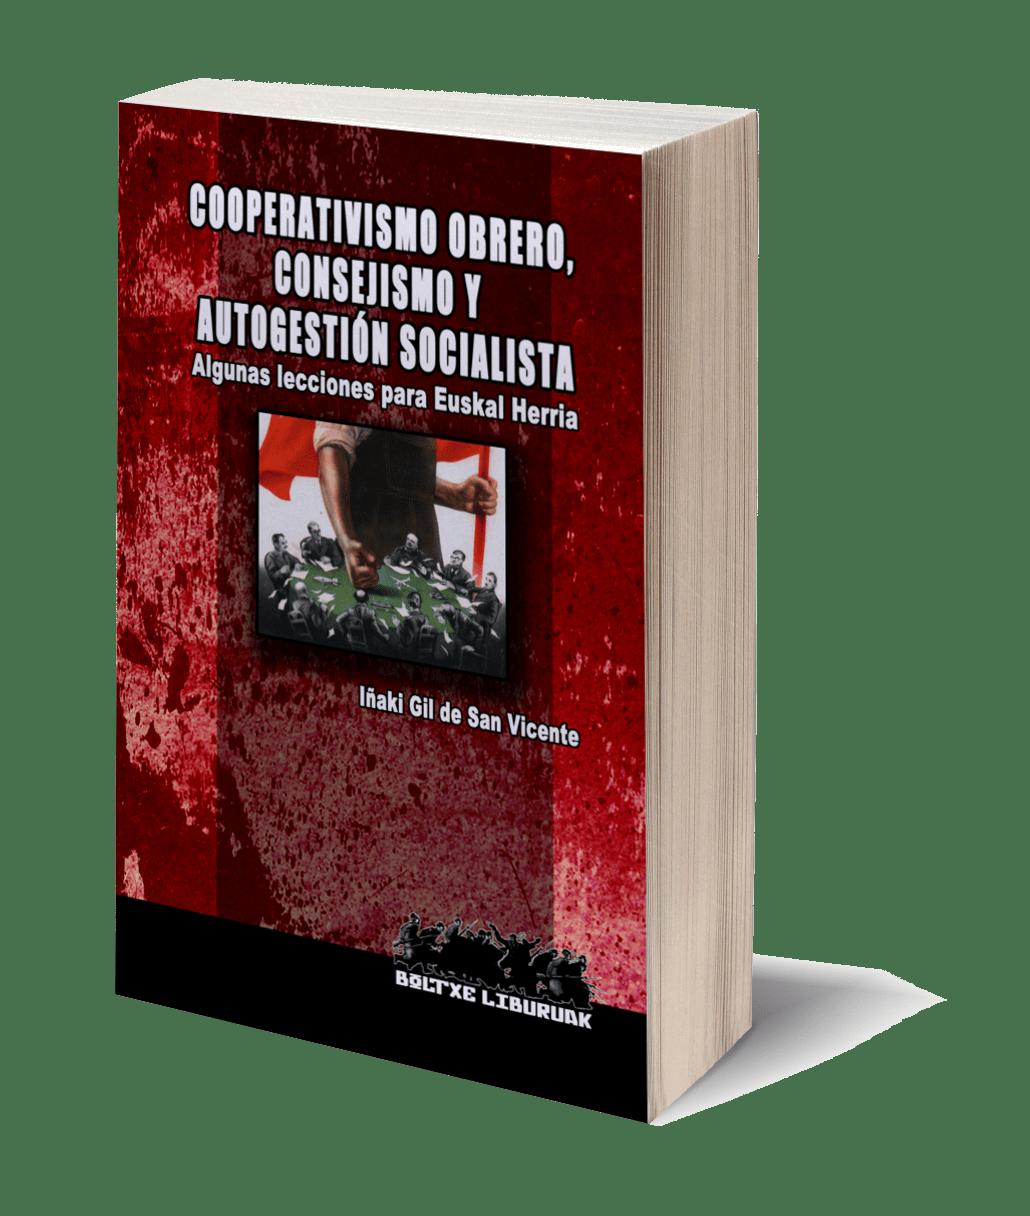 Cooperativismo obrero, consejismo y autogestión socialista